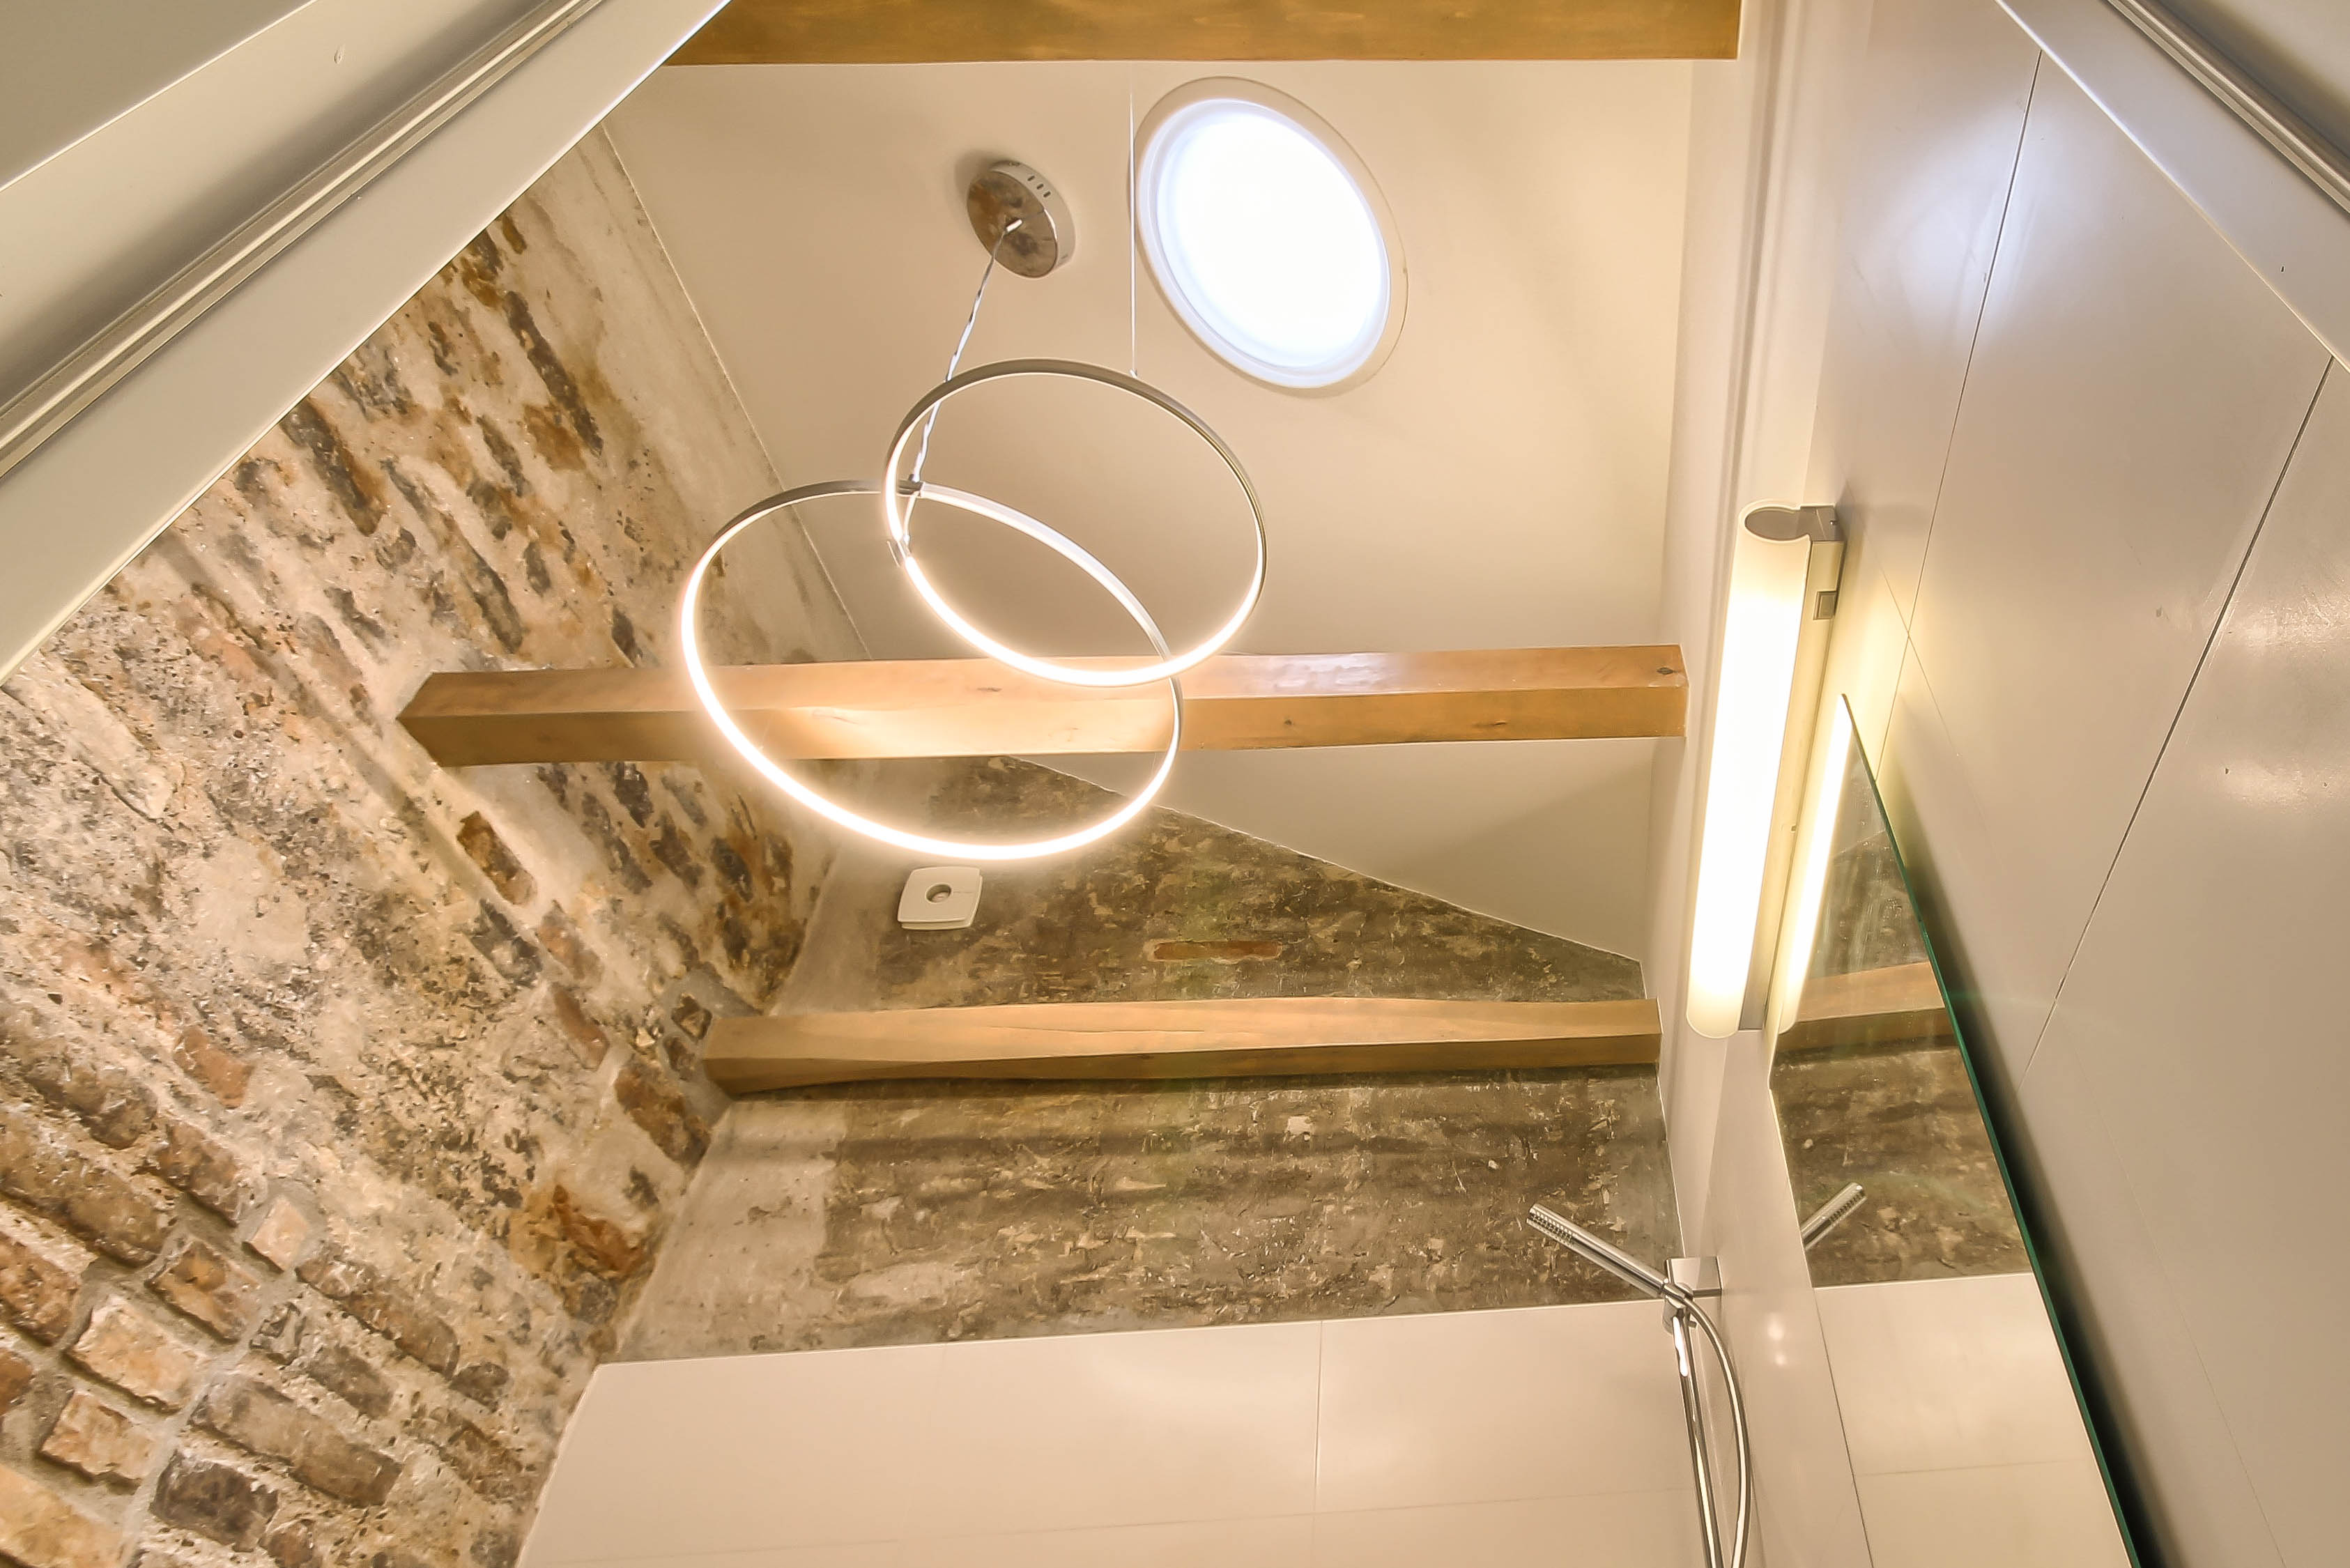 Buto interjero dizainas, vonios interjeras